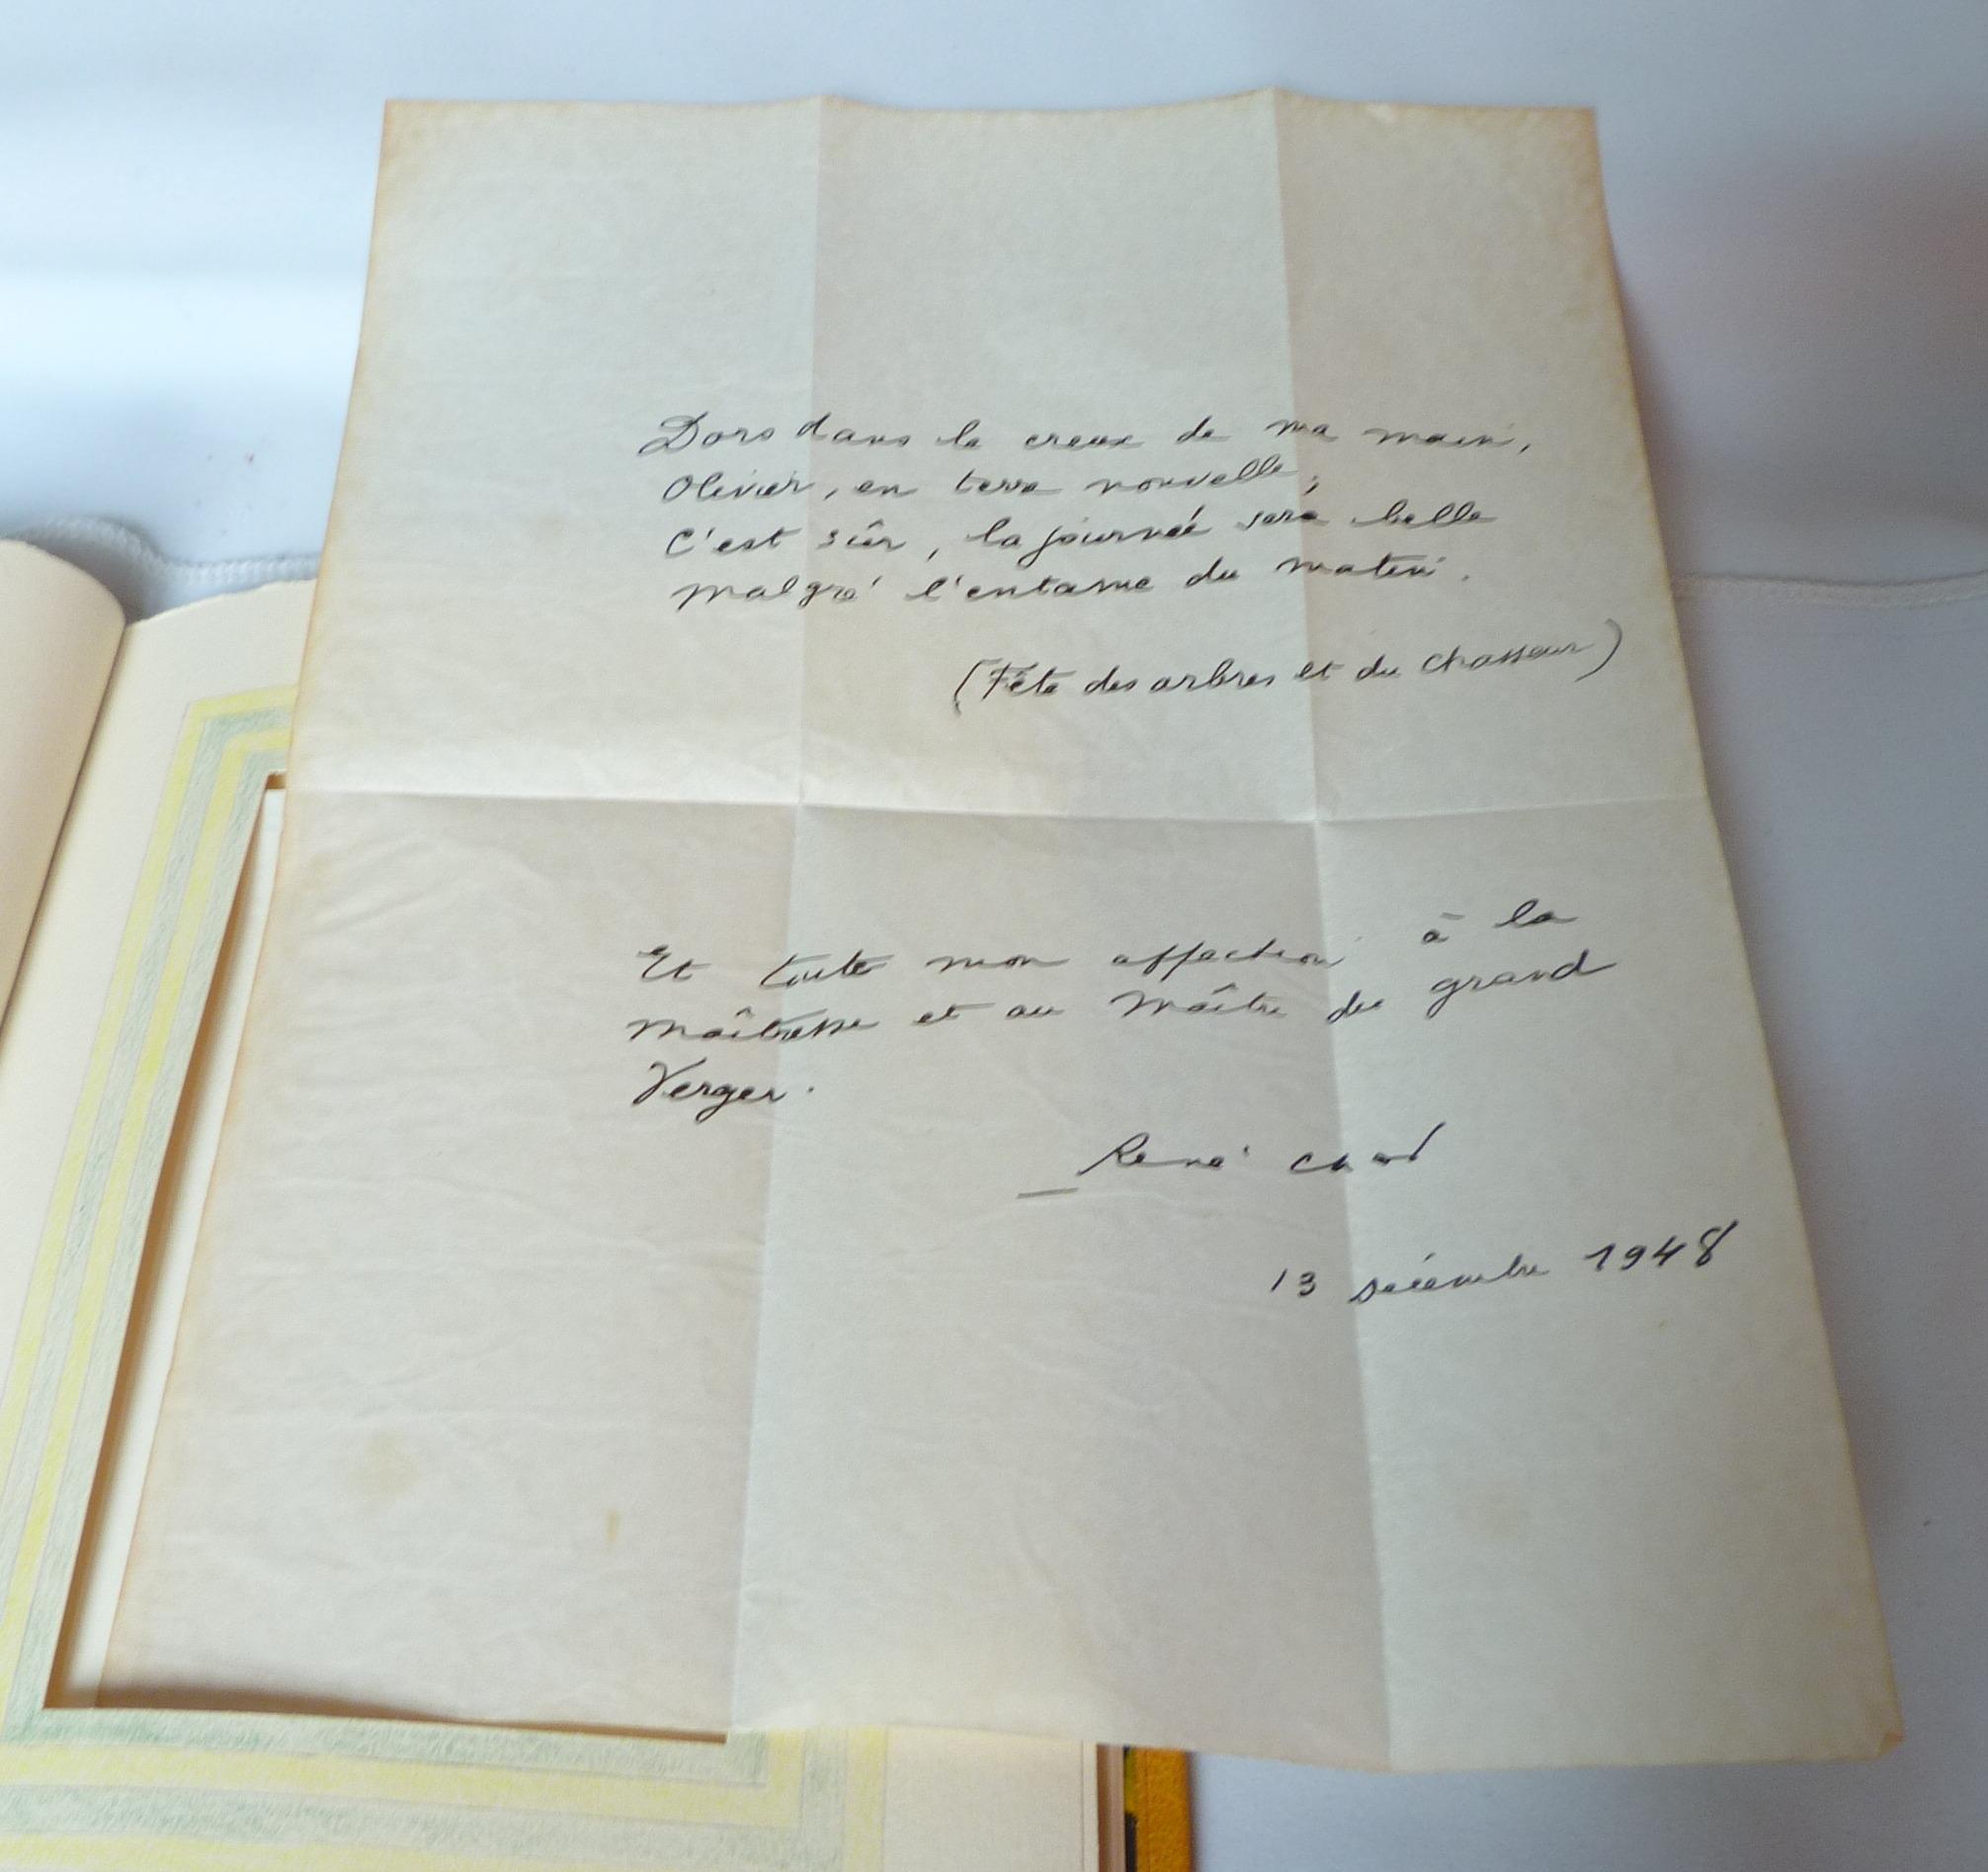 Poème recopié par René Char 13 Décembre 1948